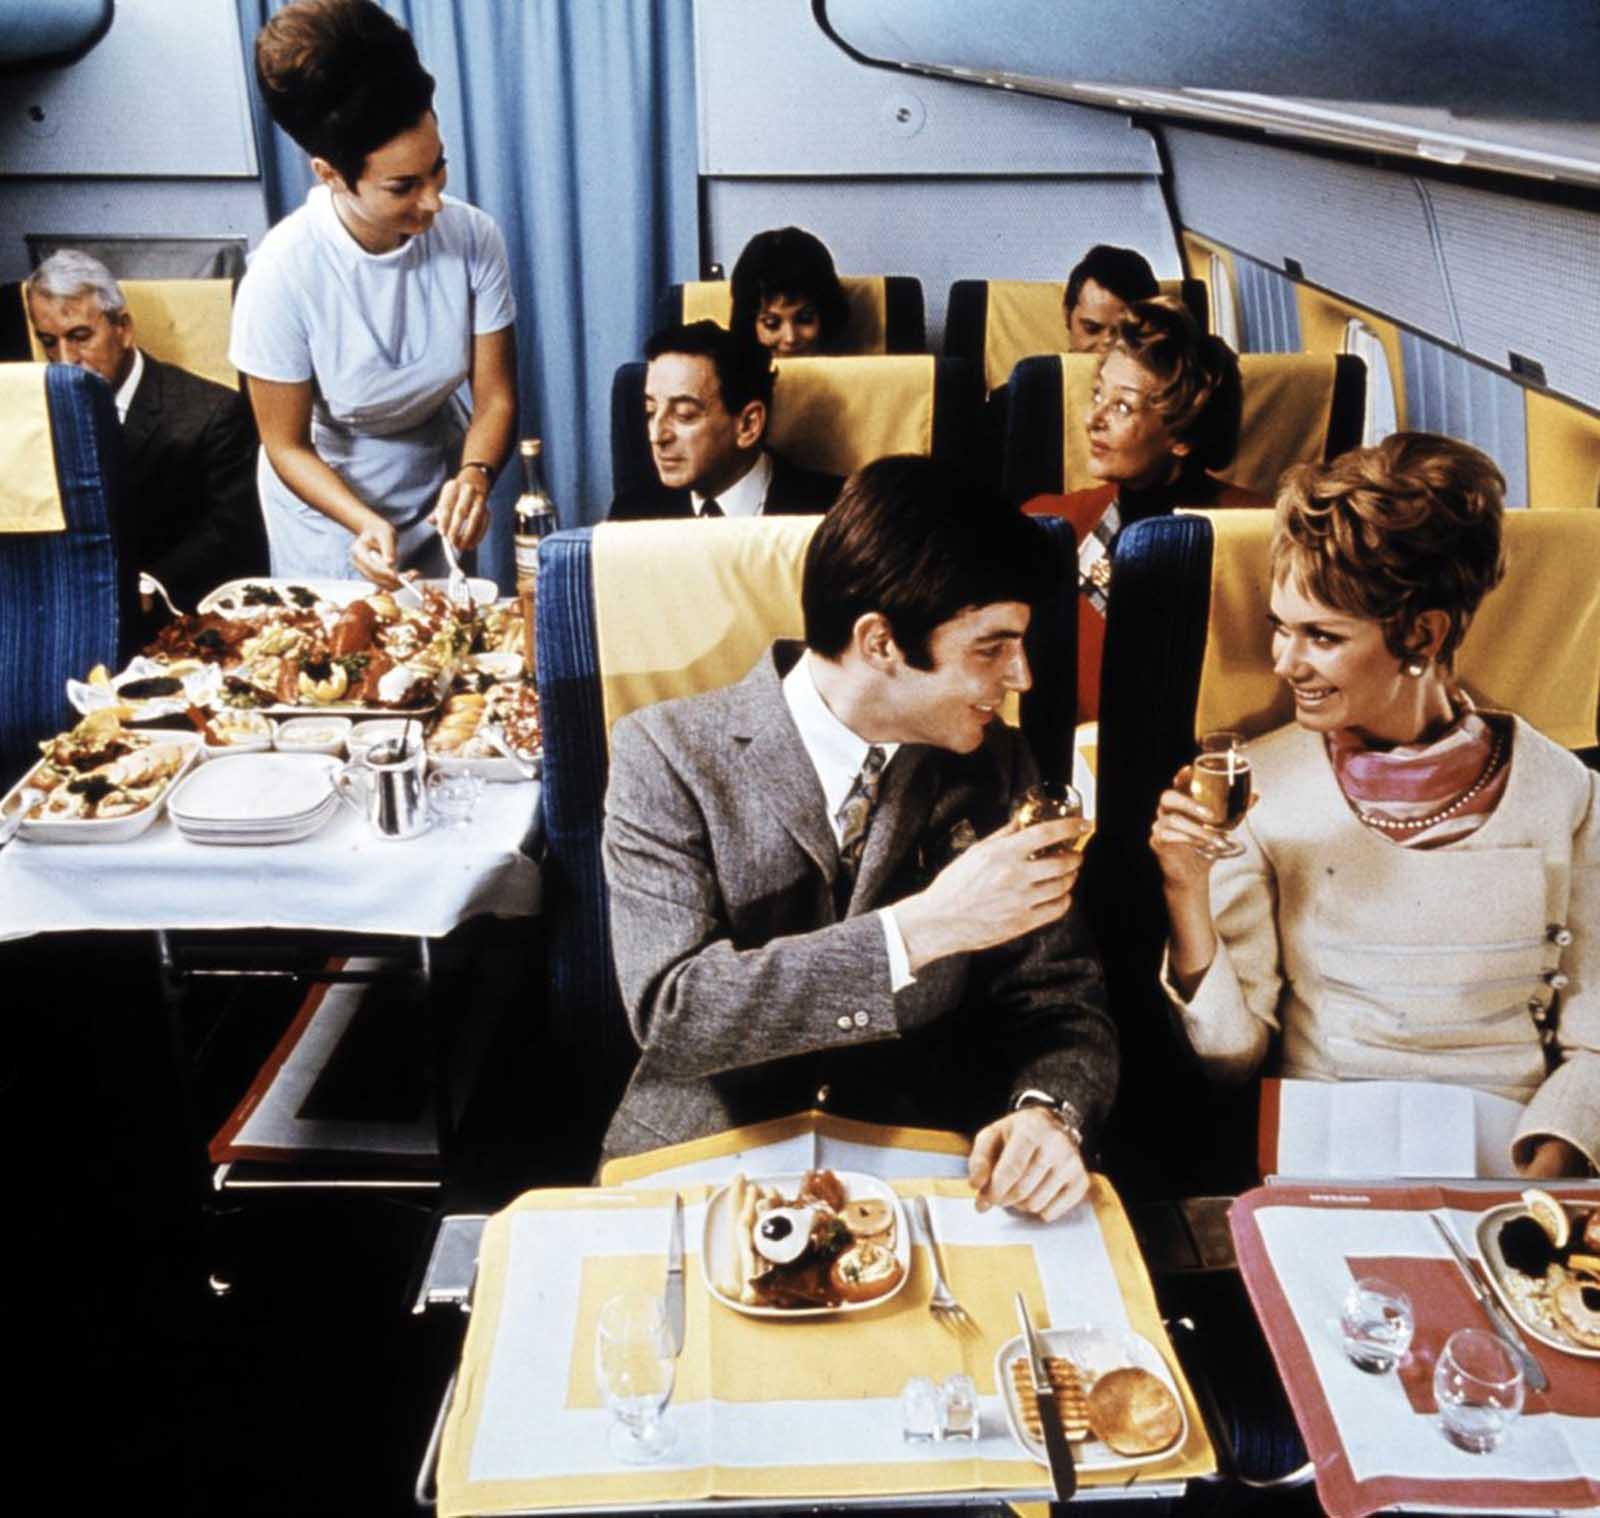 Havia uma grande variedade de opções de alimentos oferecidas por esses aviões.